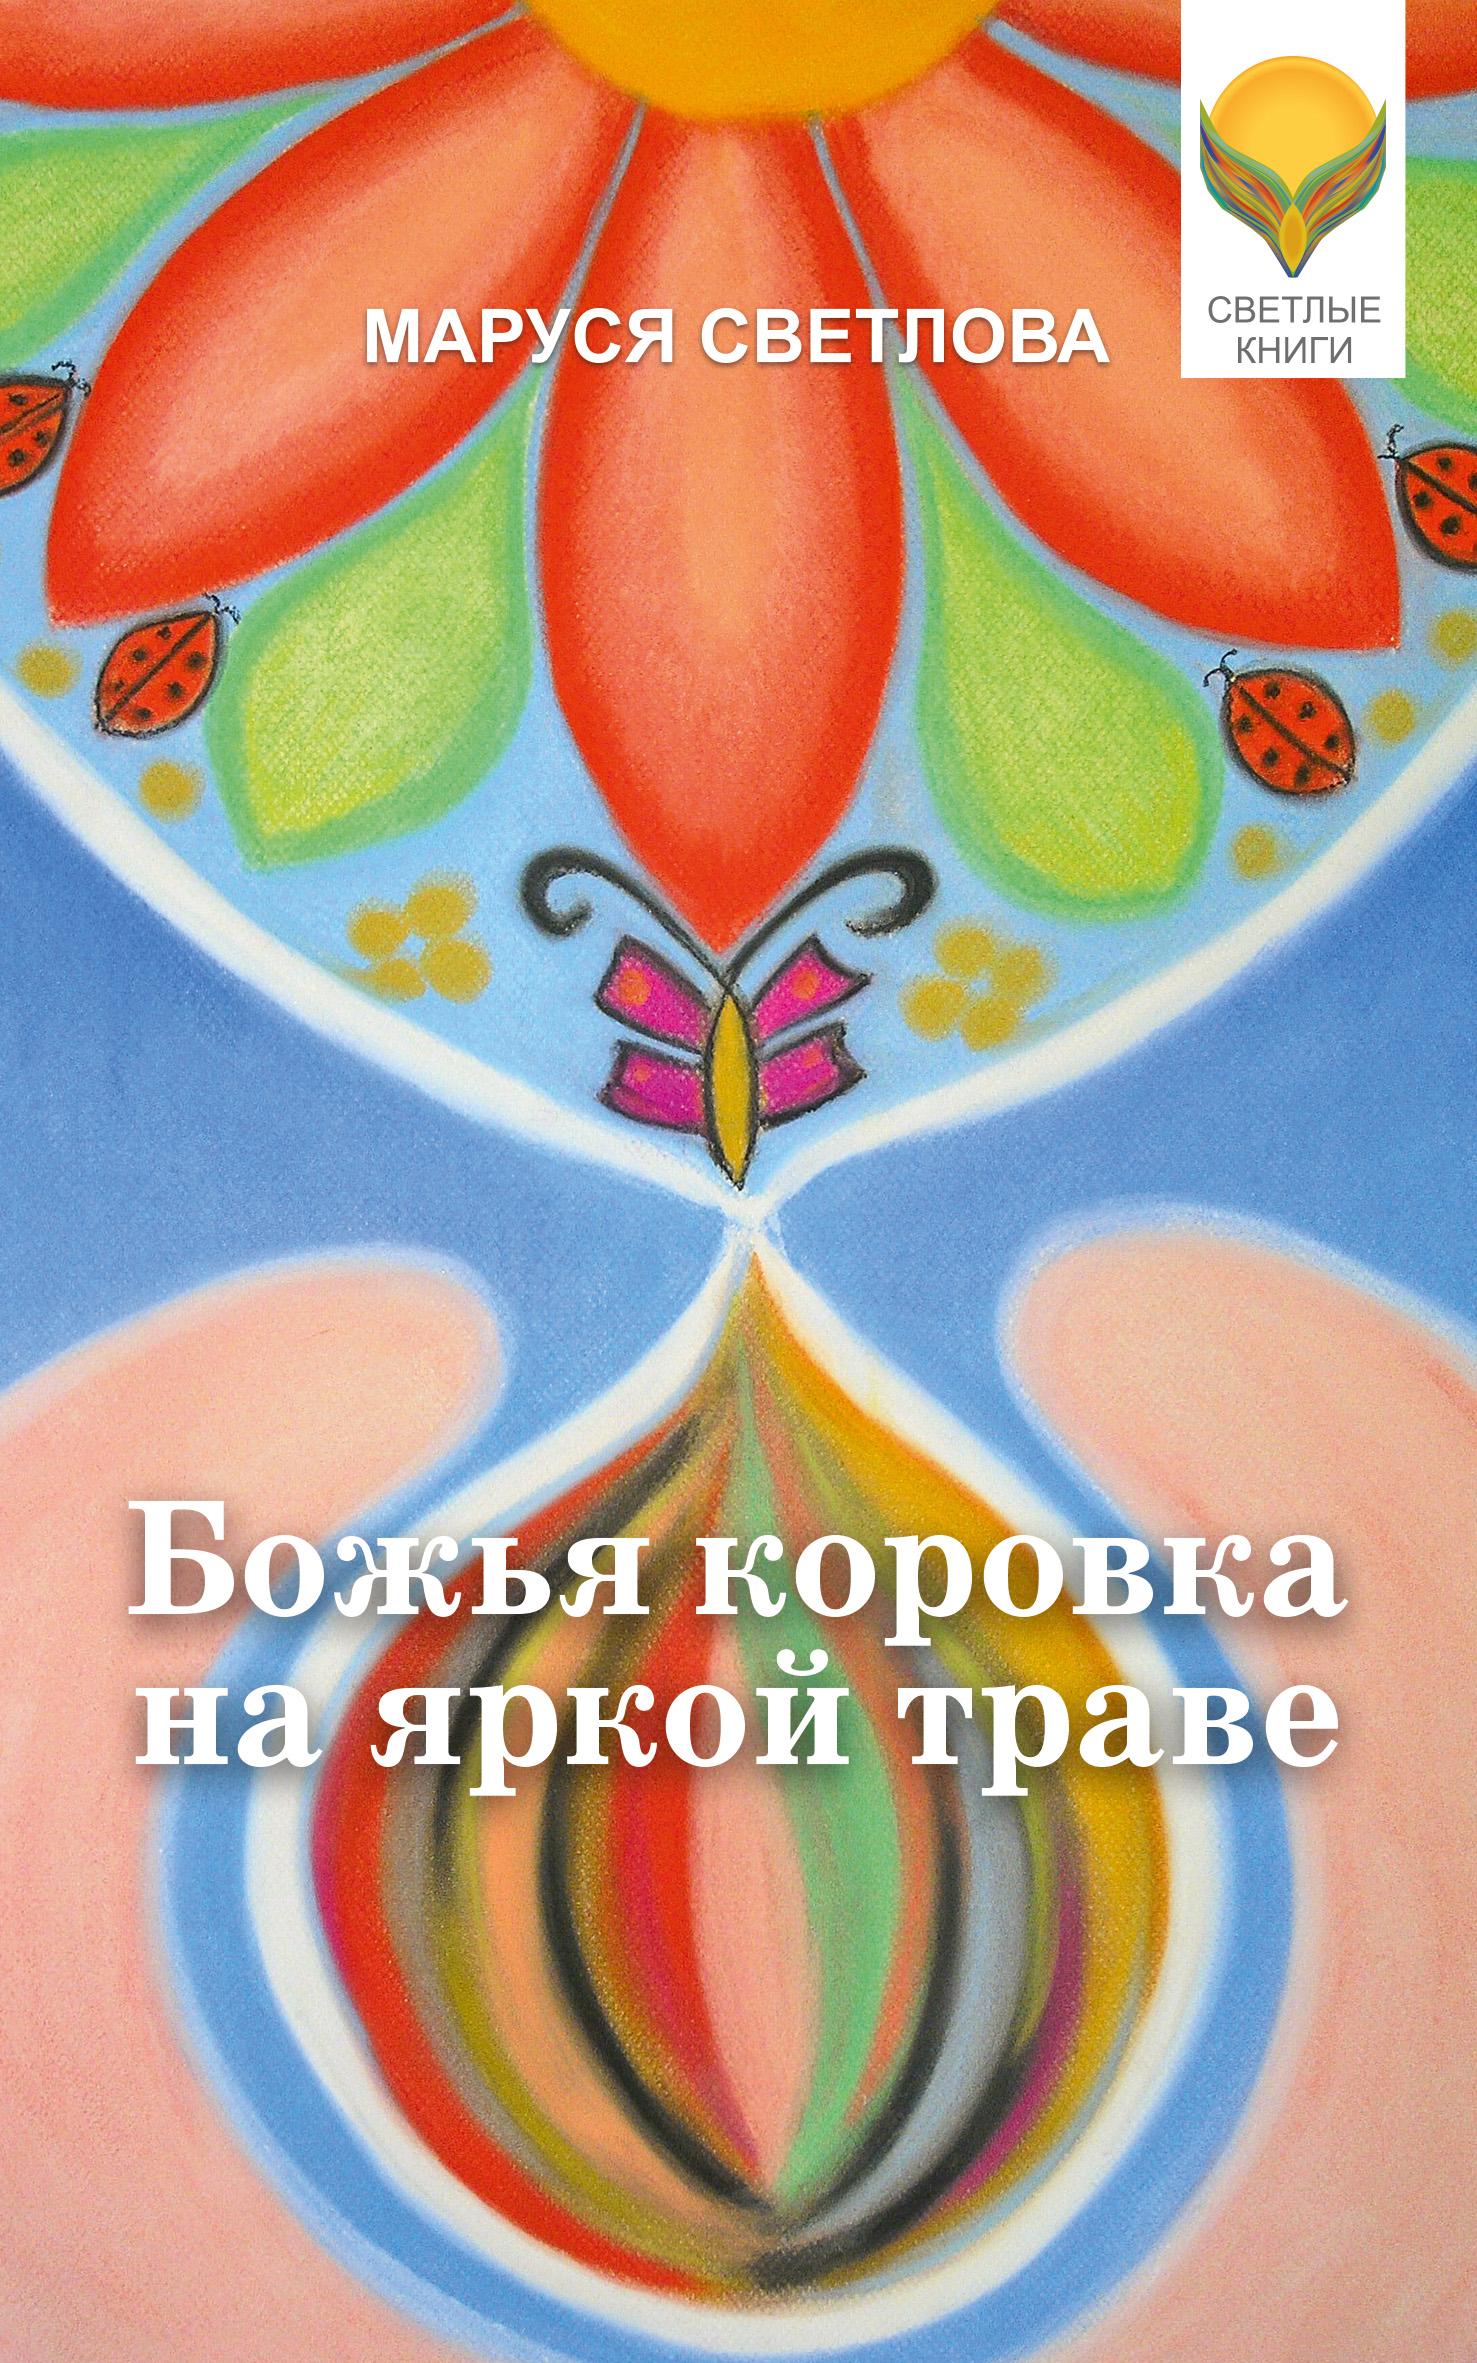 Маруся Светлова Божья коровка на яркой траве (сборник) жанна светлова волшебный скорпион сборник рассказов